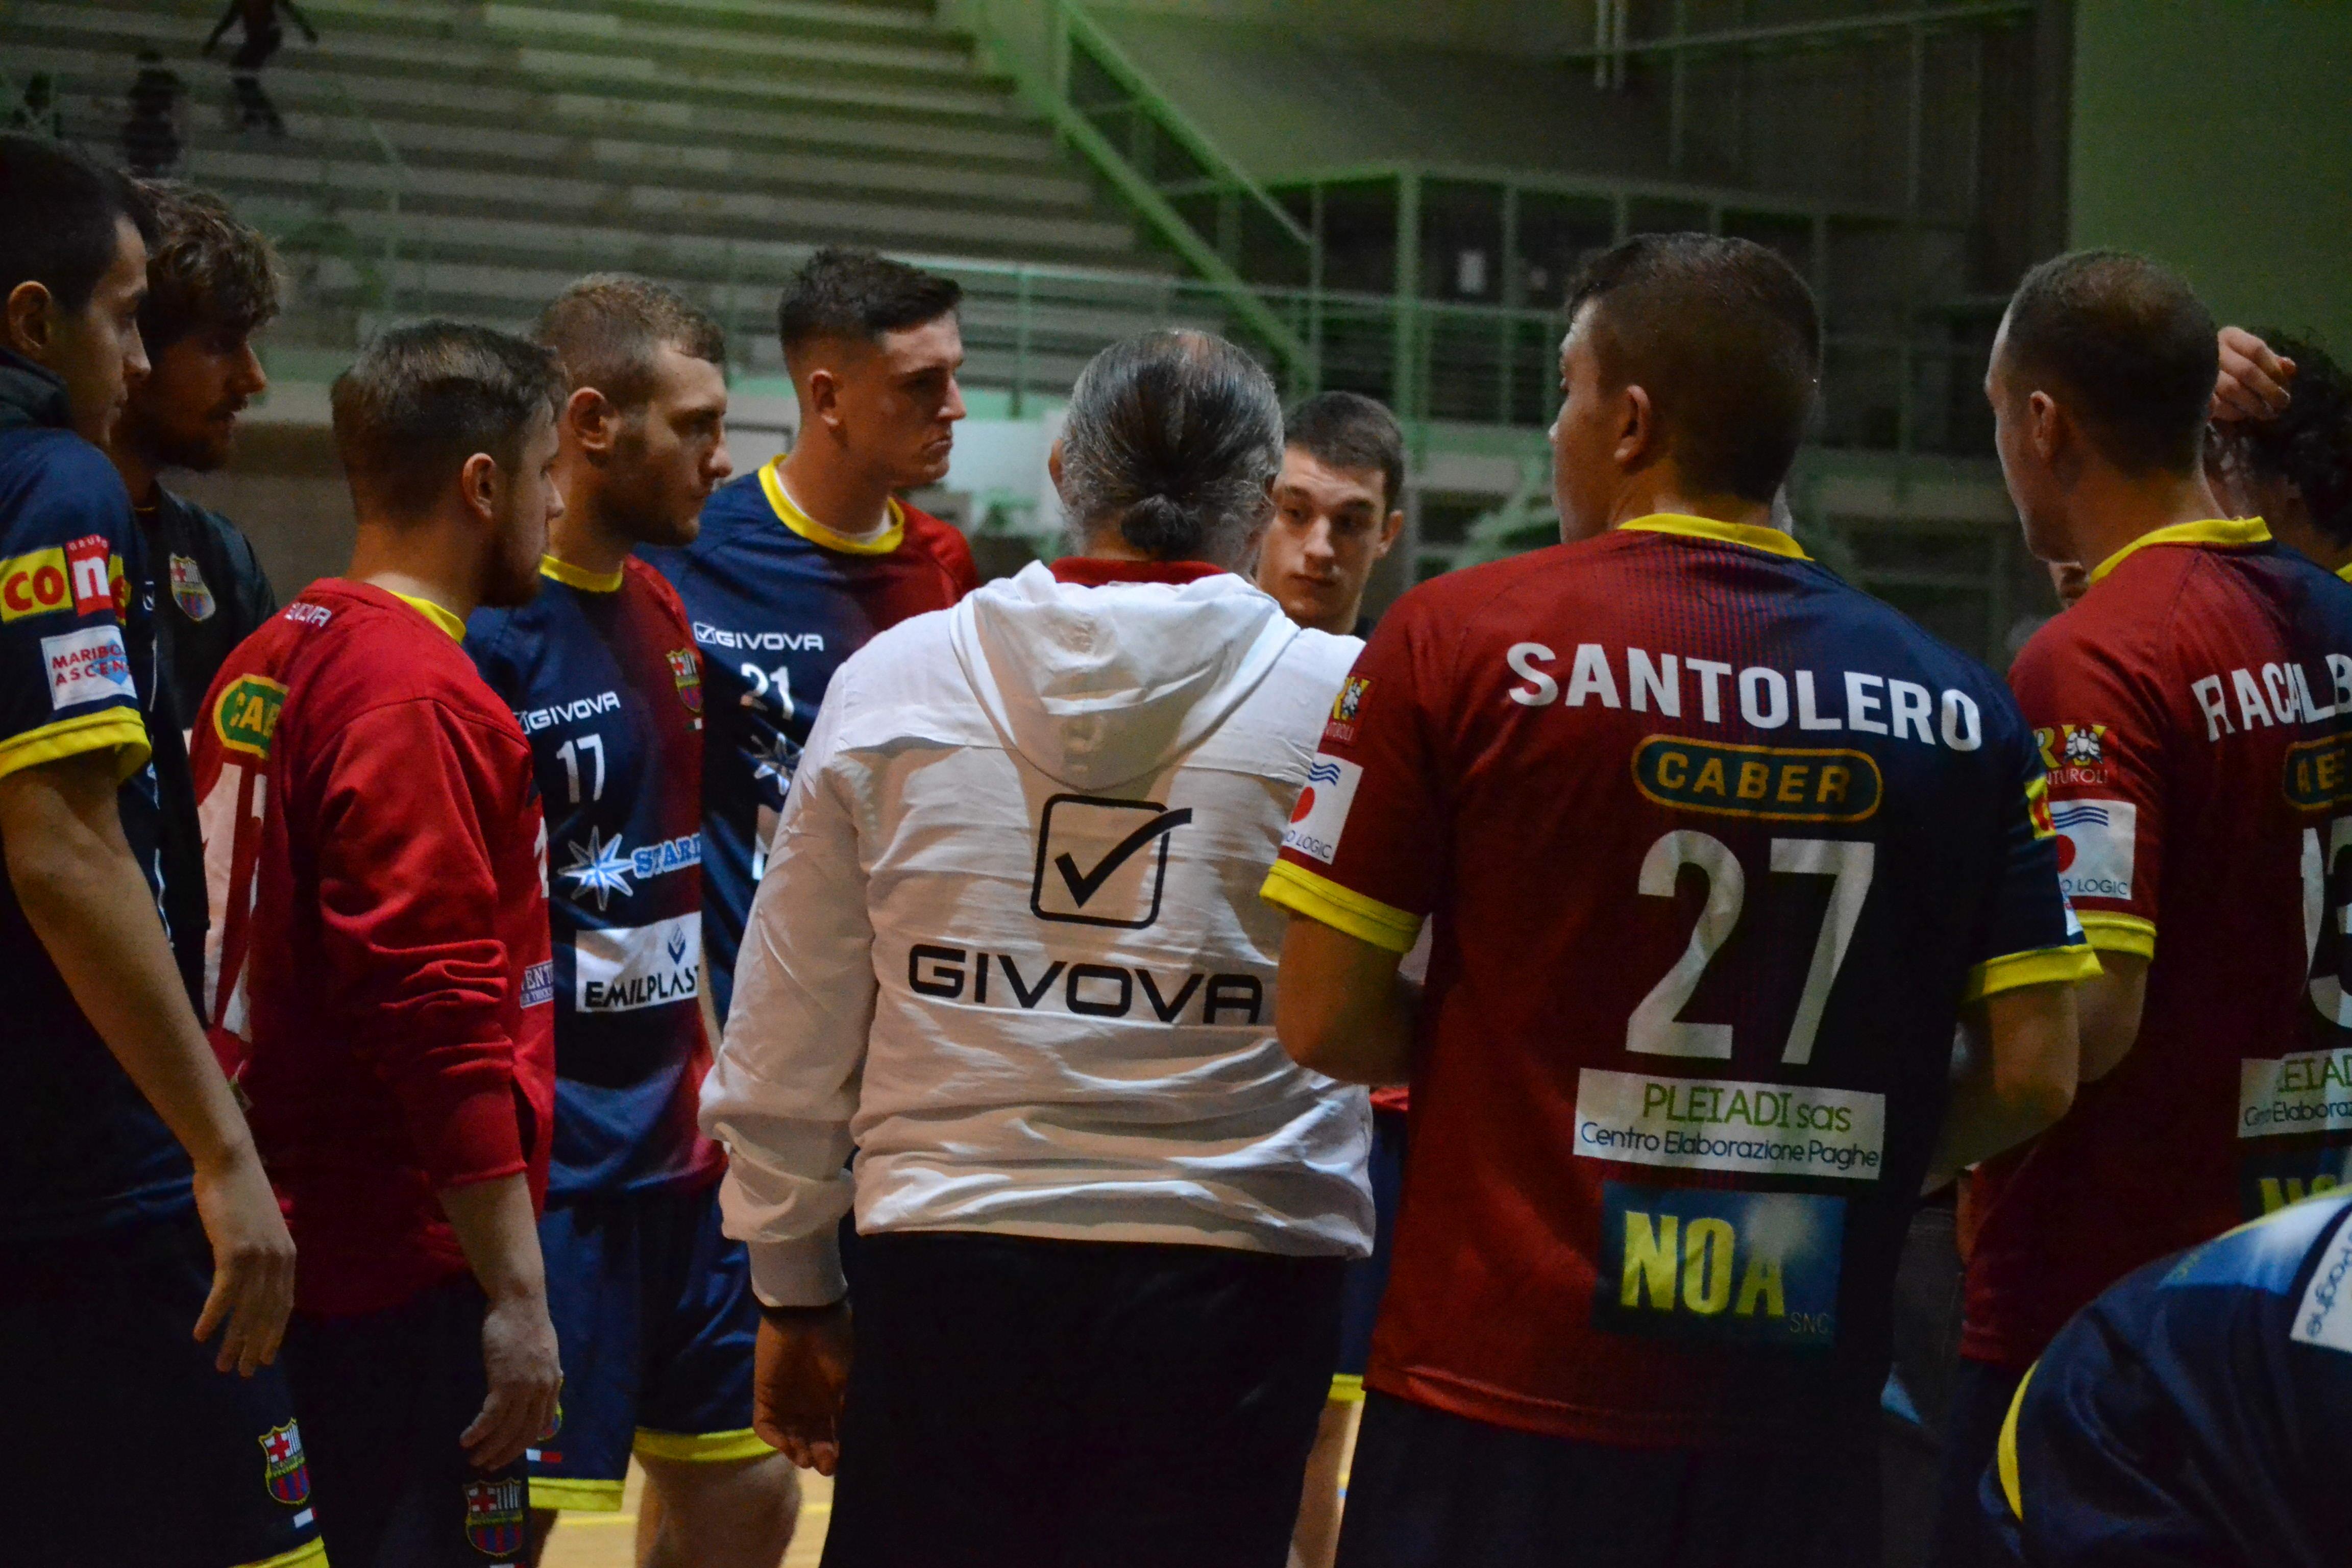 Bologna United sempre più ultimo: sconfitto da Cingoli e Tedesco in bilico